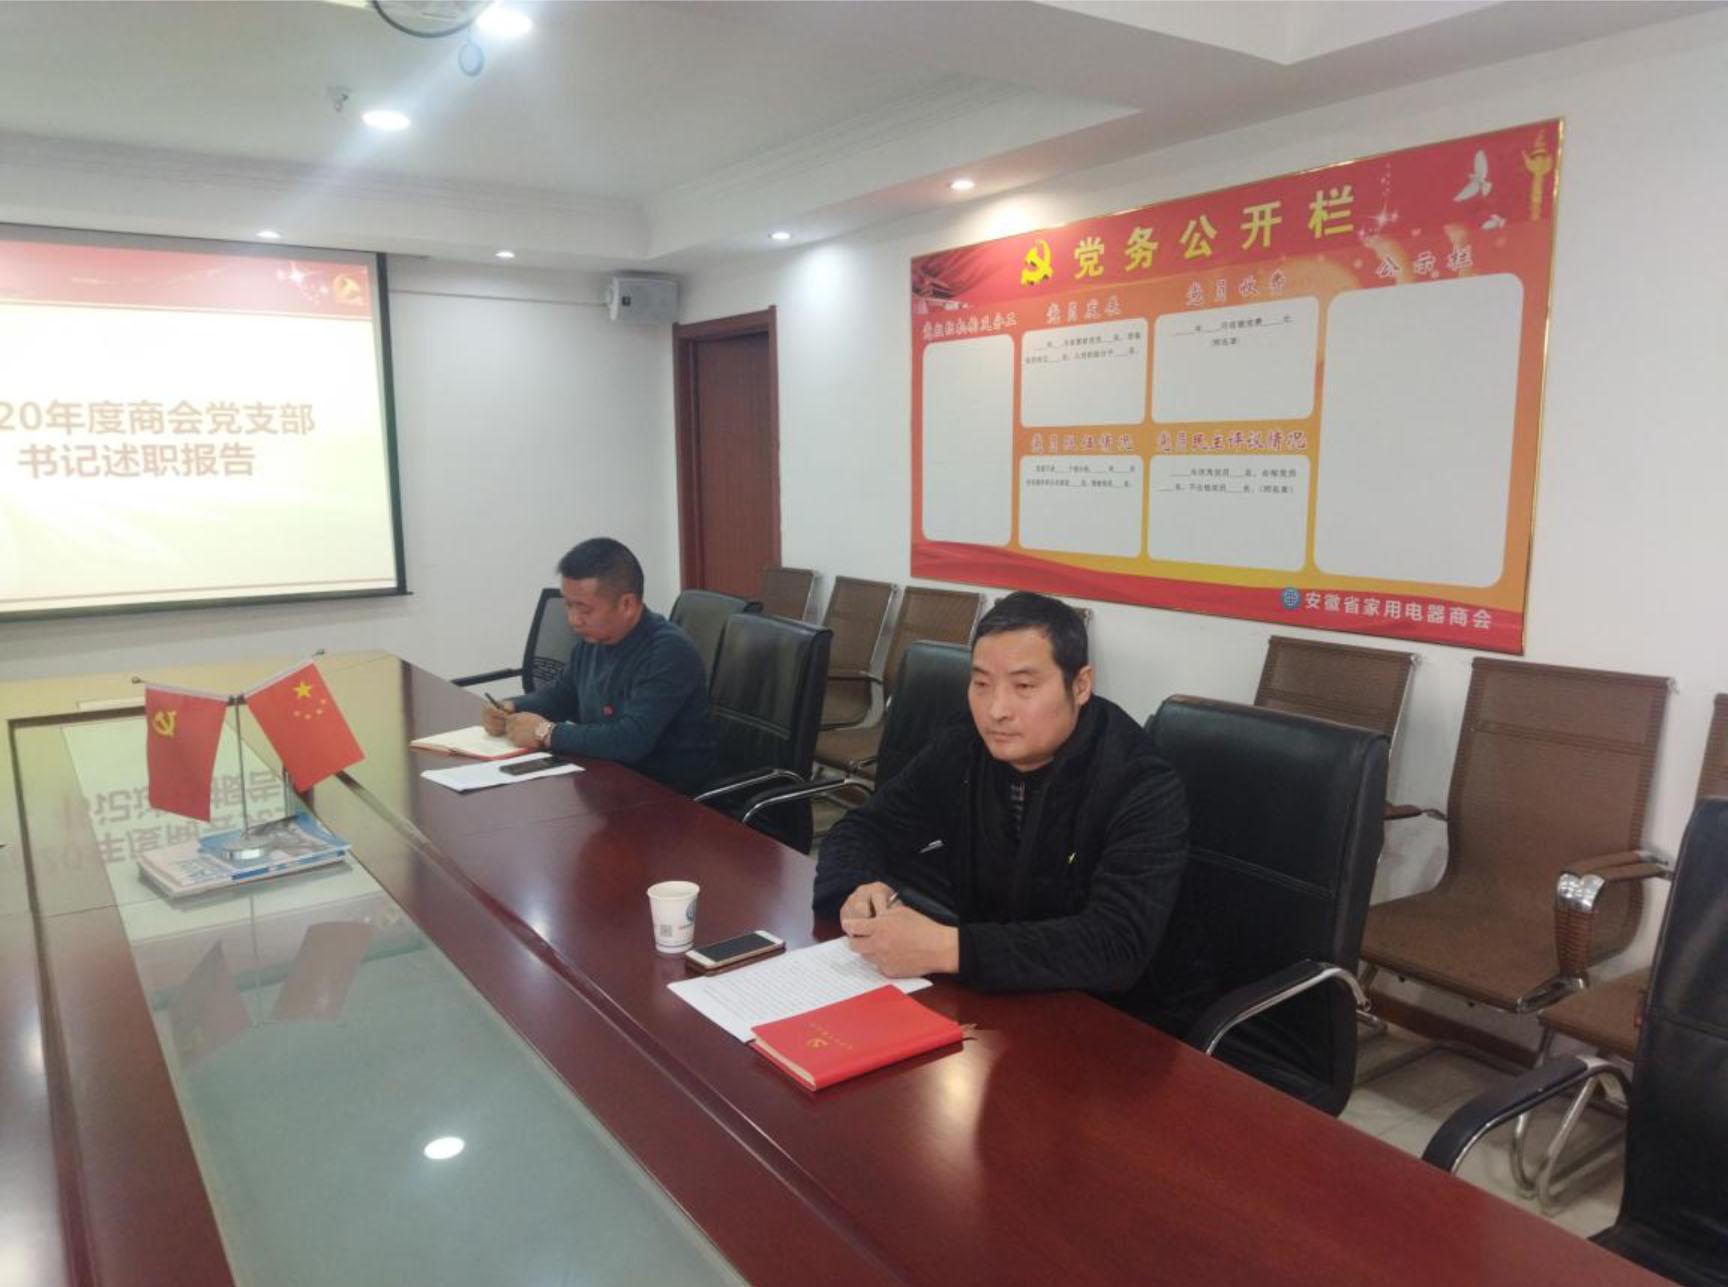 安徽省家用电器亚博app官网赞助西甲党支部举行组织生活会